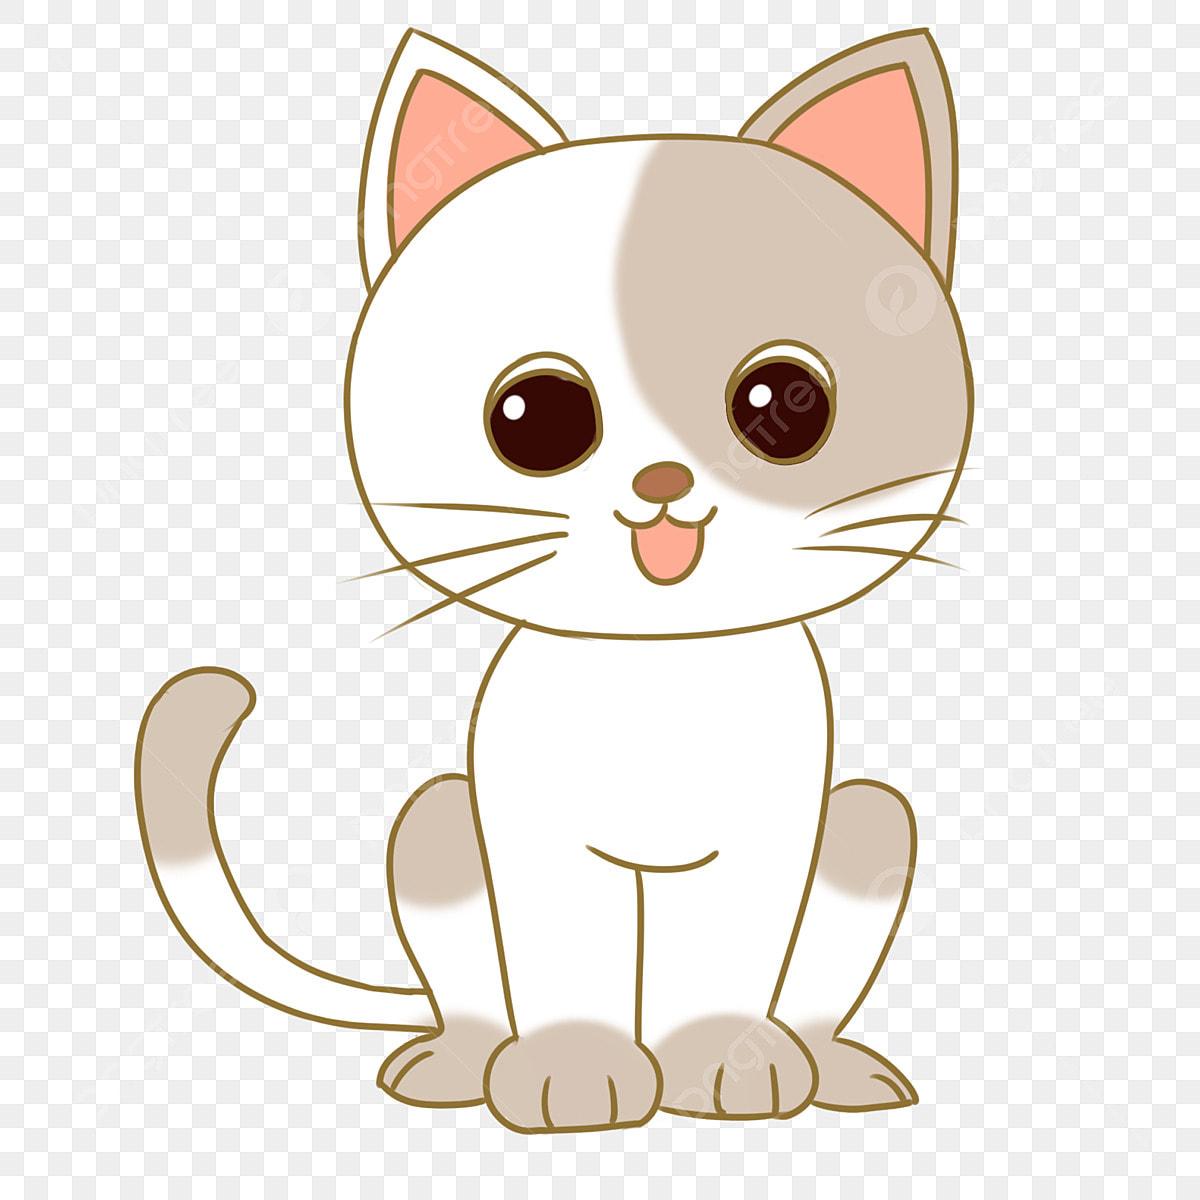 Gambar Kucing Kartun Majalah Cat & Dog